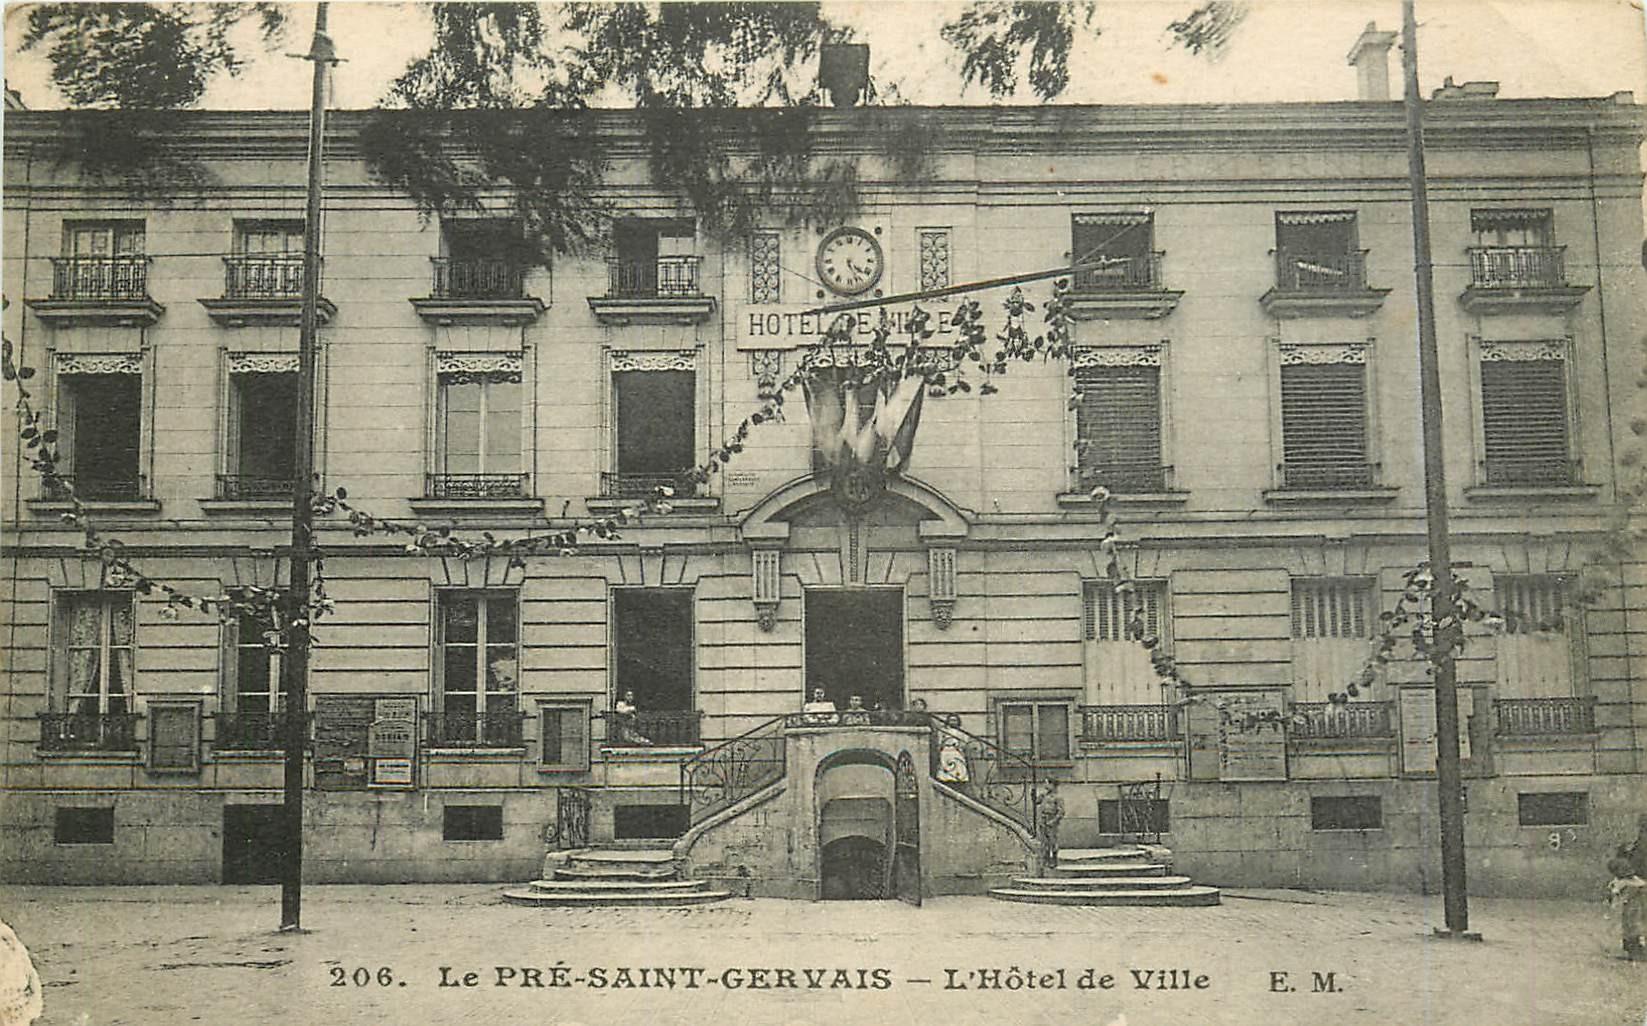 WW 93 LE PRE-SAINT-GERVAIS. L'Hôtel de Ville 1919